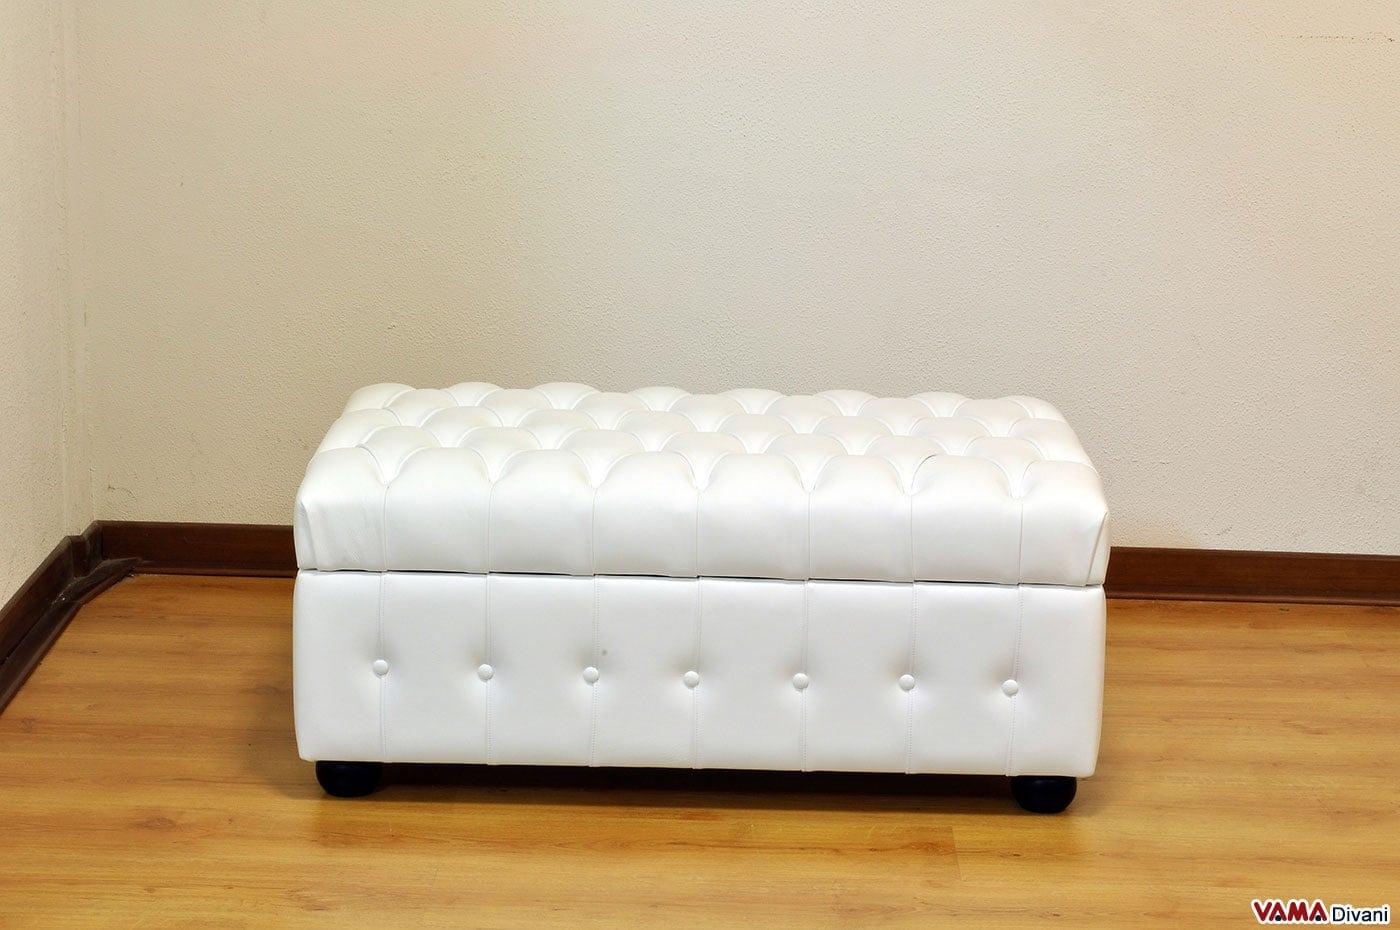 Pouf in pelle in capitonn e contenitore porta oggetti - Pouf per divano ...